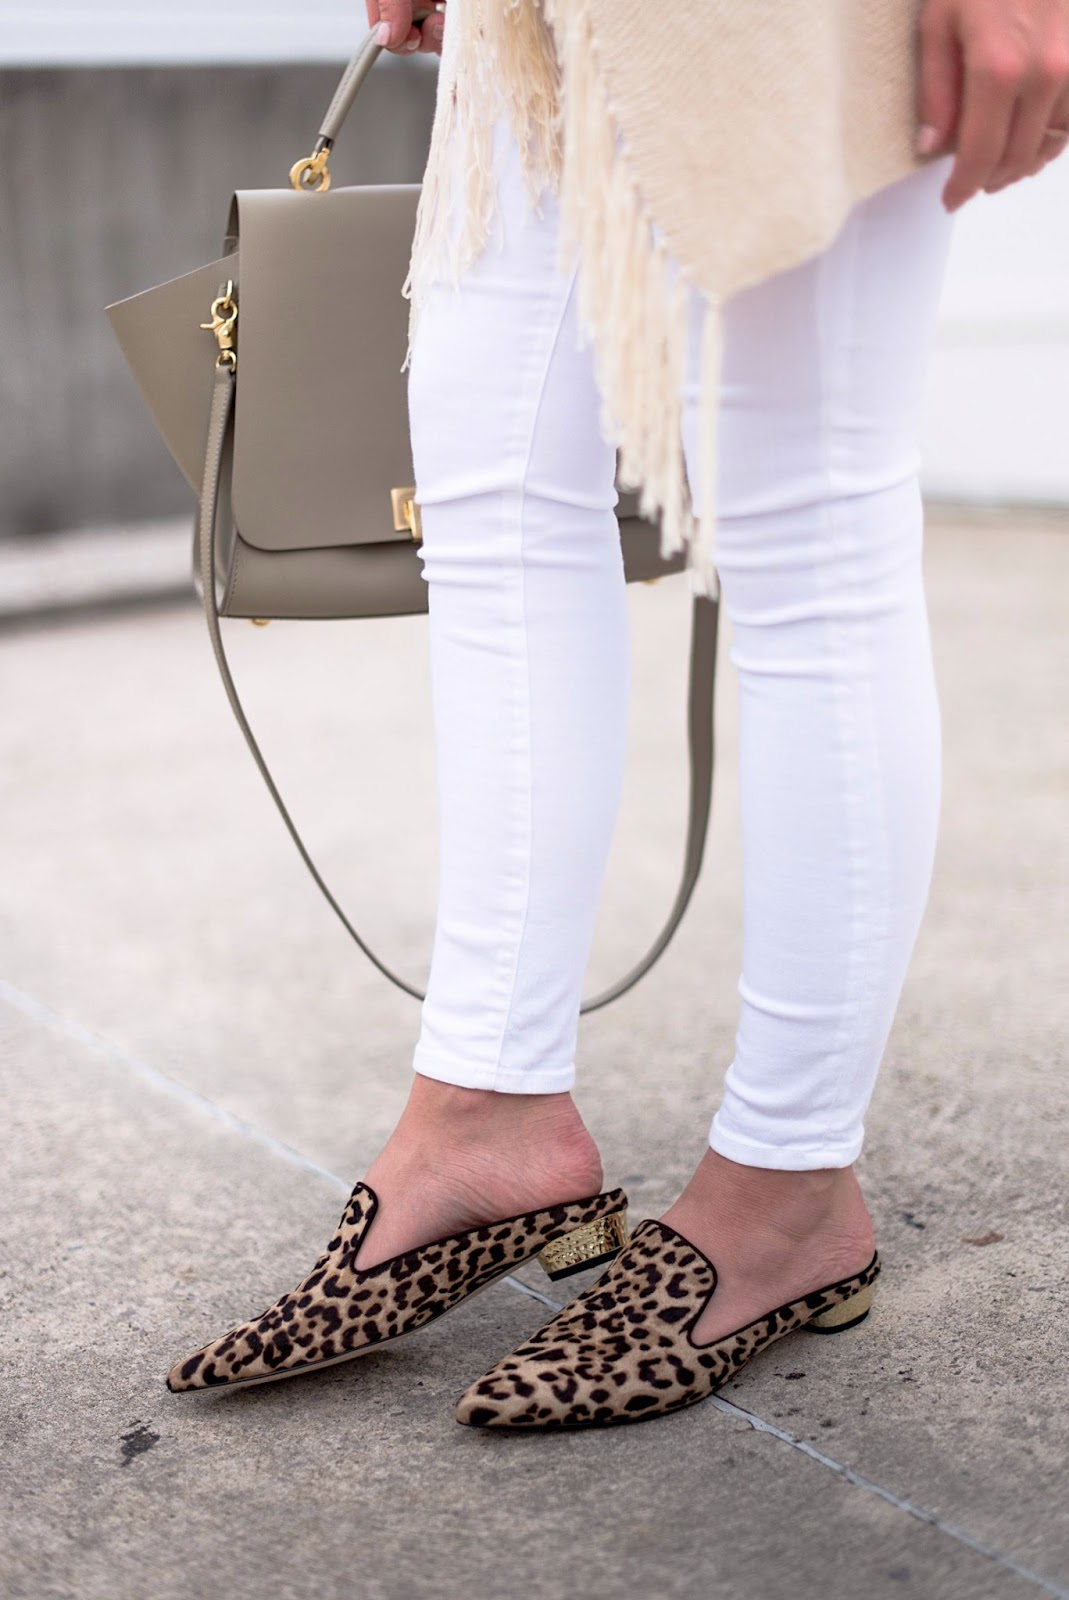 Leopard Slides - Something Delightful